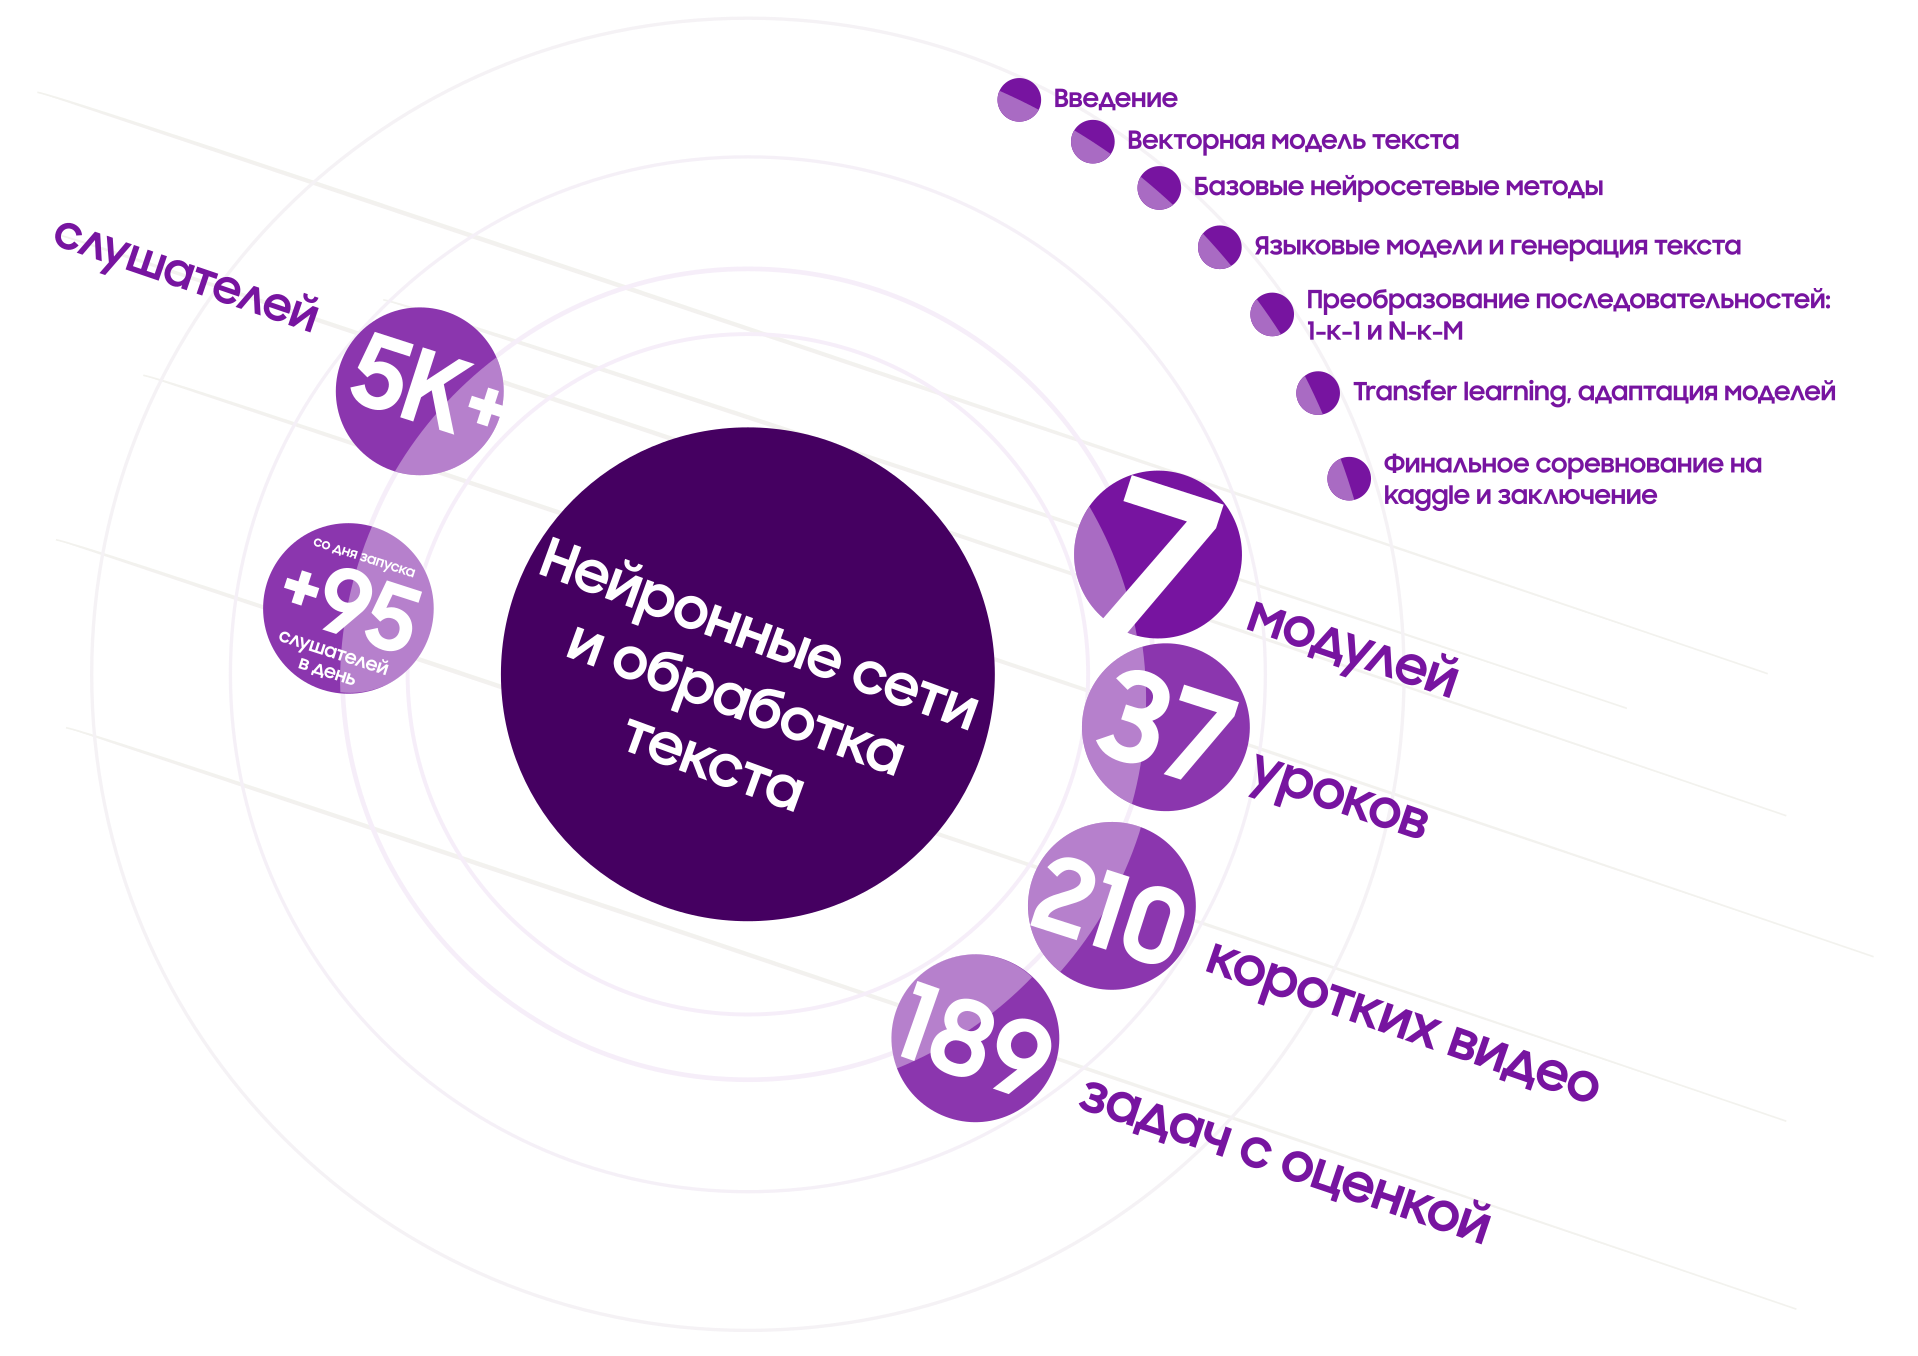 Новый бесплатный онлайн-курс от Samsung по анализу текста при помощи нейросетей - 3